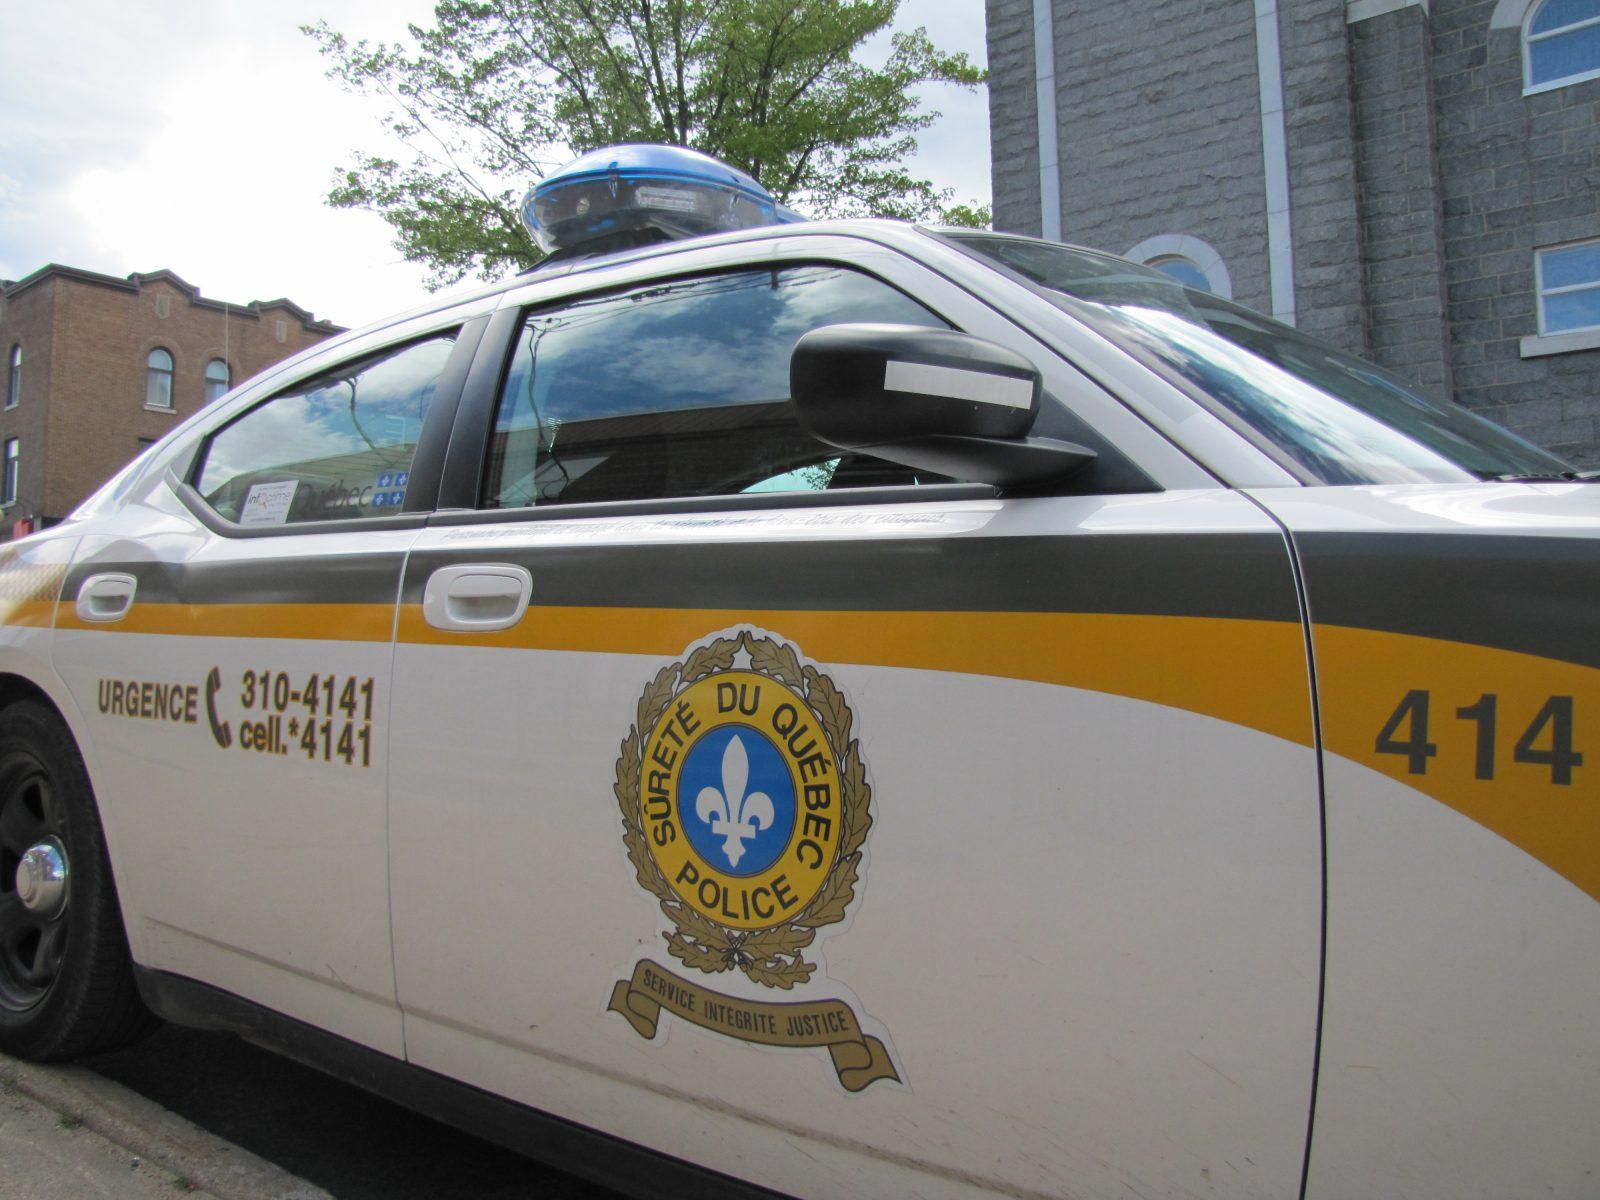 Arrêté à 160 km/h sur la route de Saint-Ludger-de-Milot